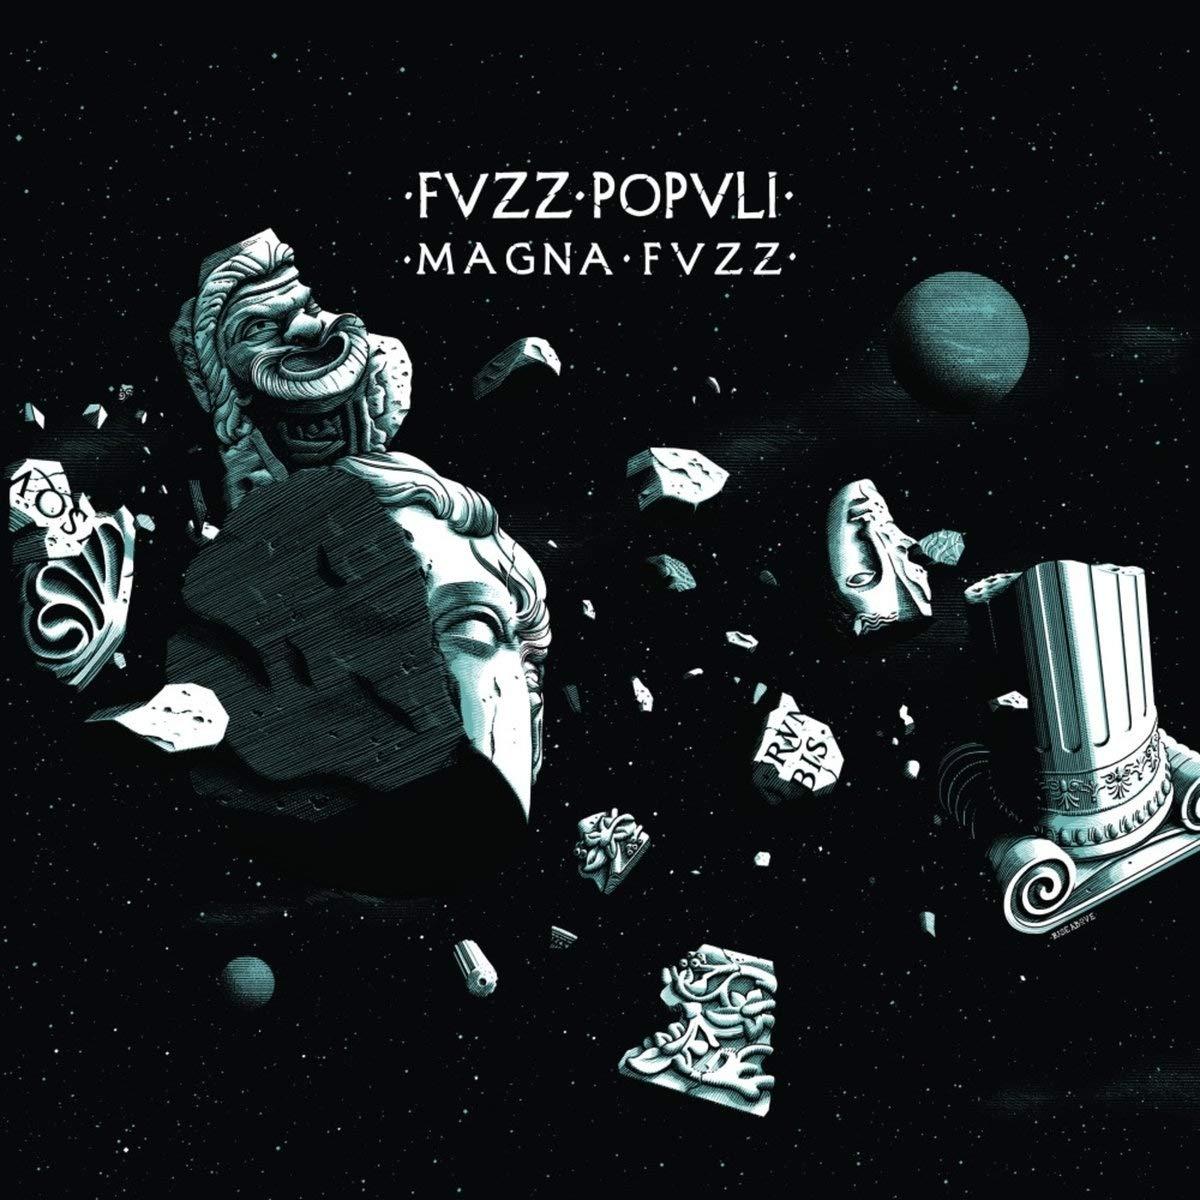 CD : Fvzz Popvli - Magna Fvzz (CD)